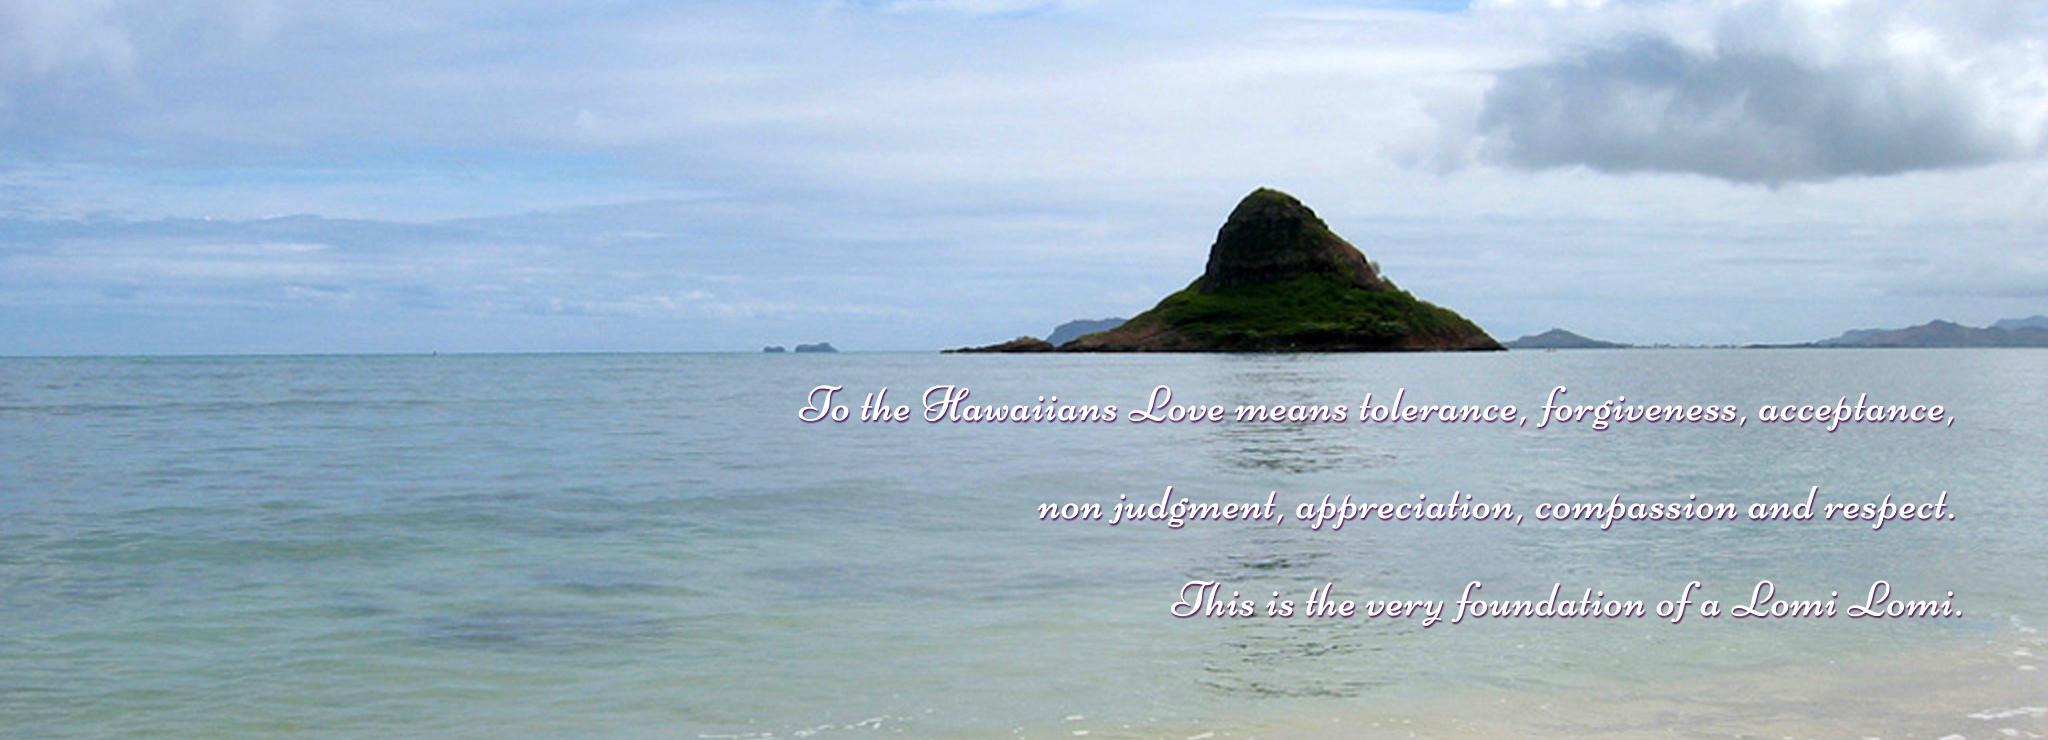 HawaiianLomiLomi-Sthlm-Nat4